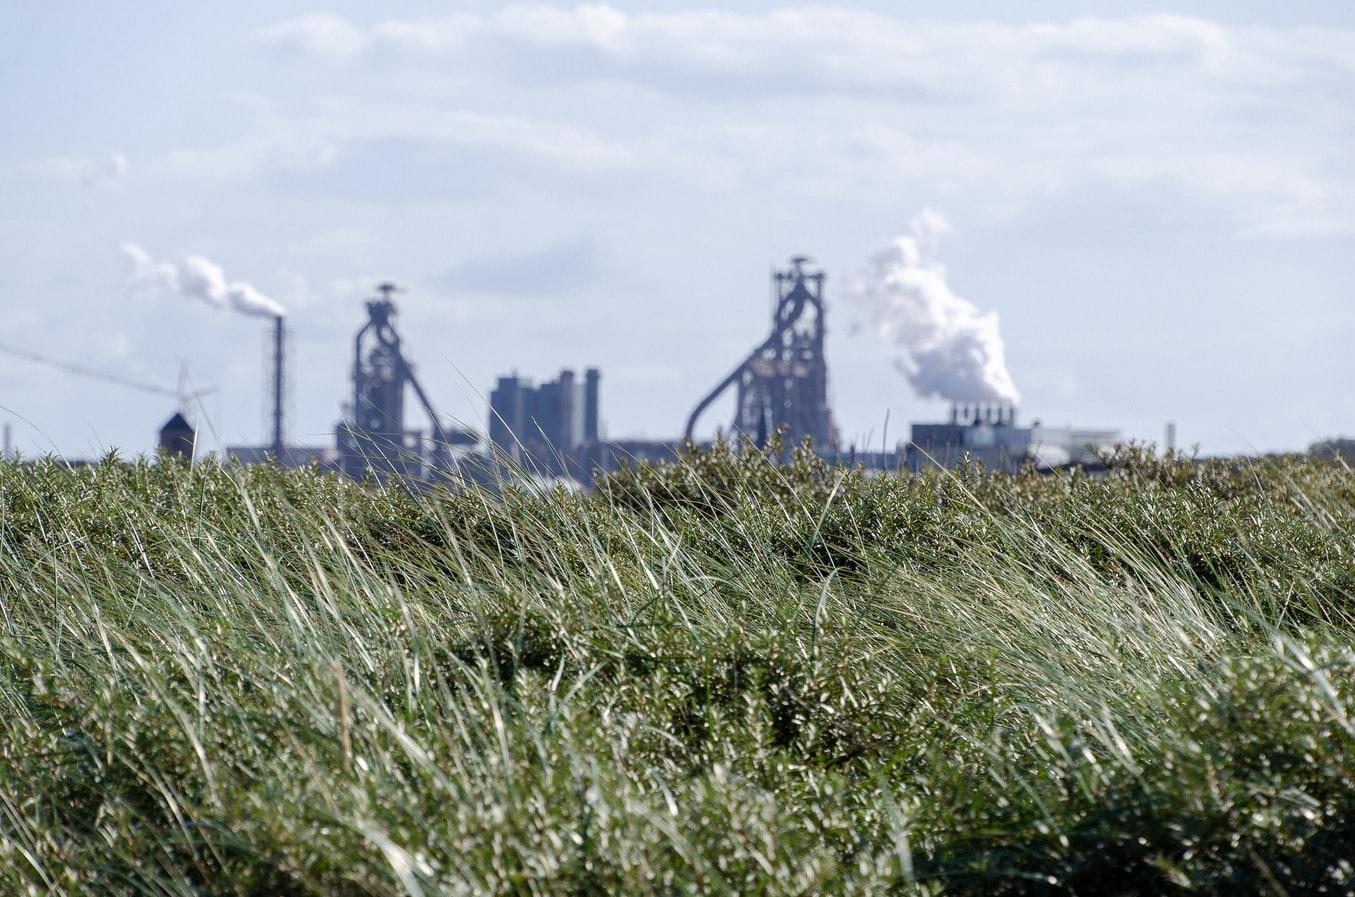 Une usine aux Pays Bas.